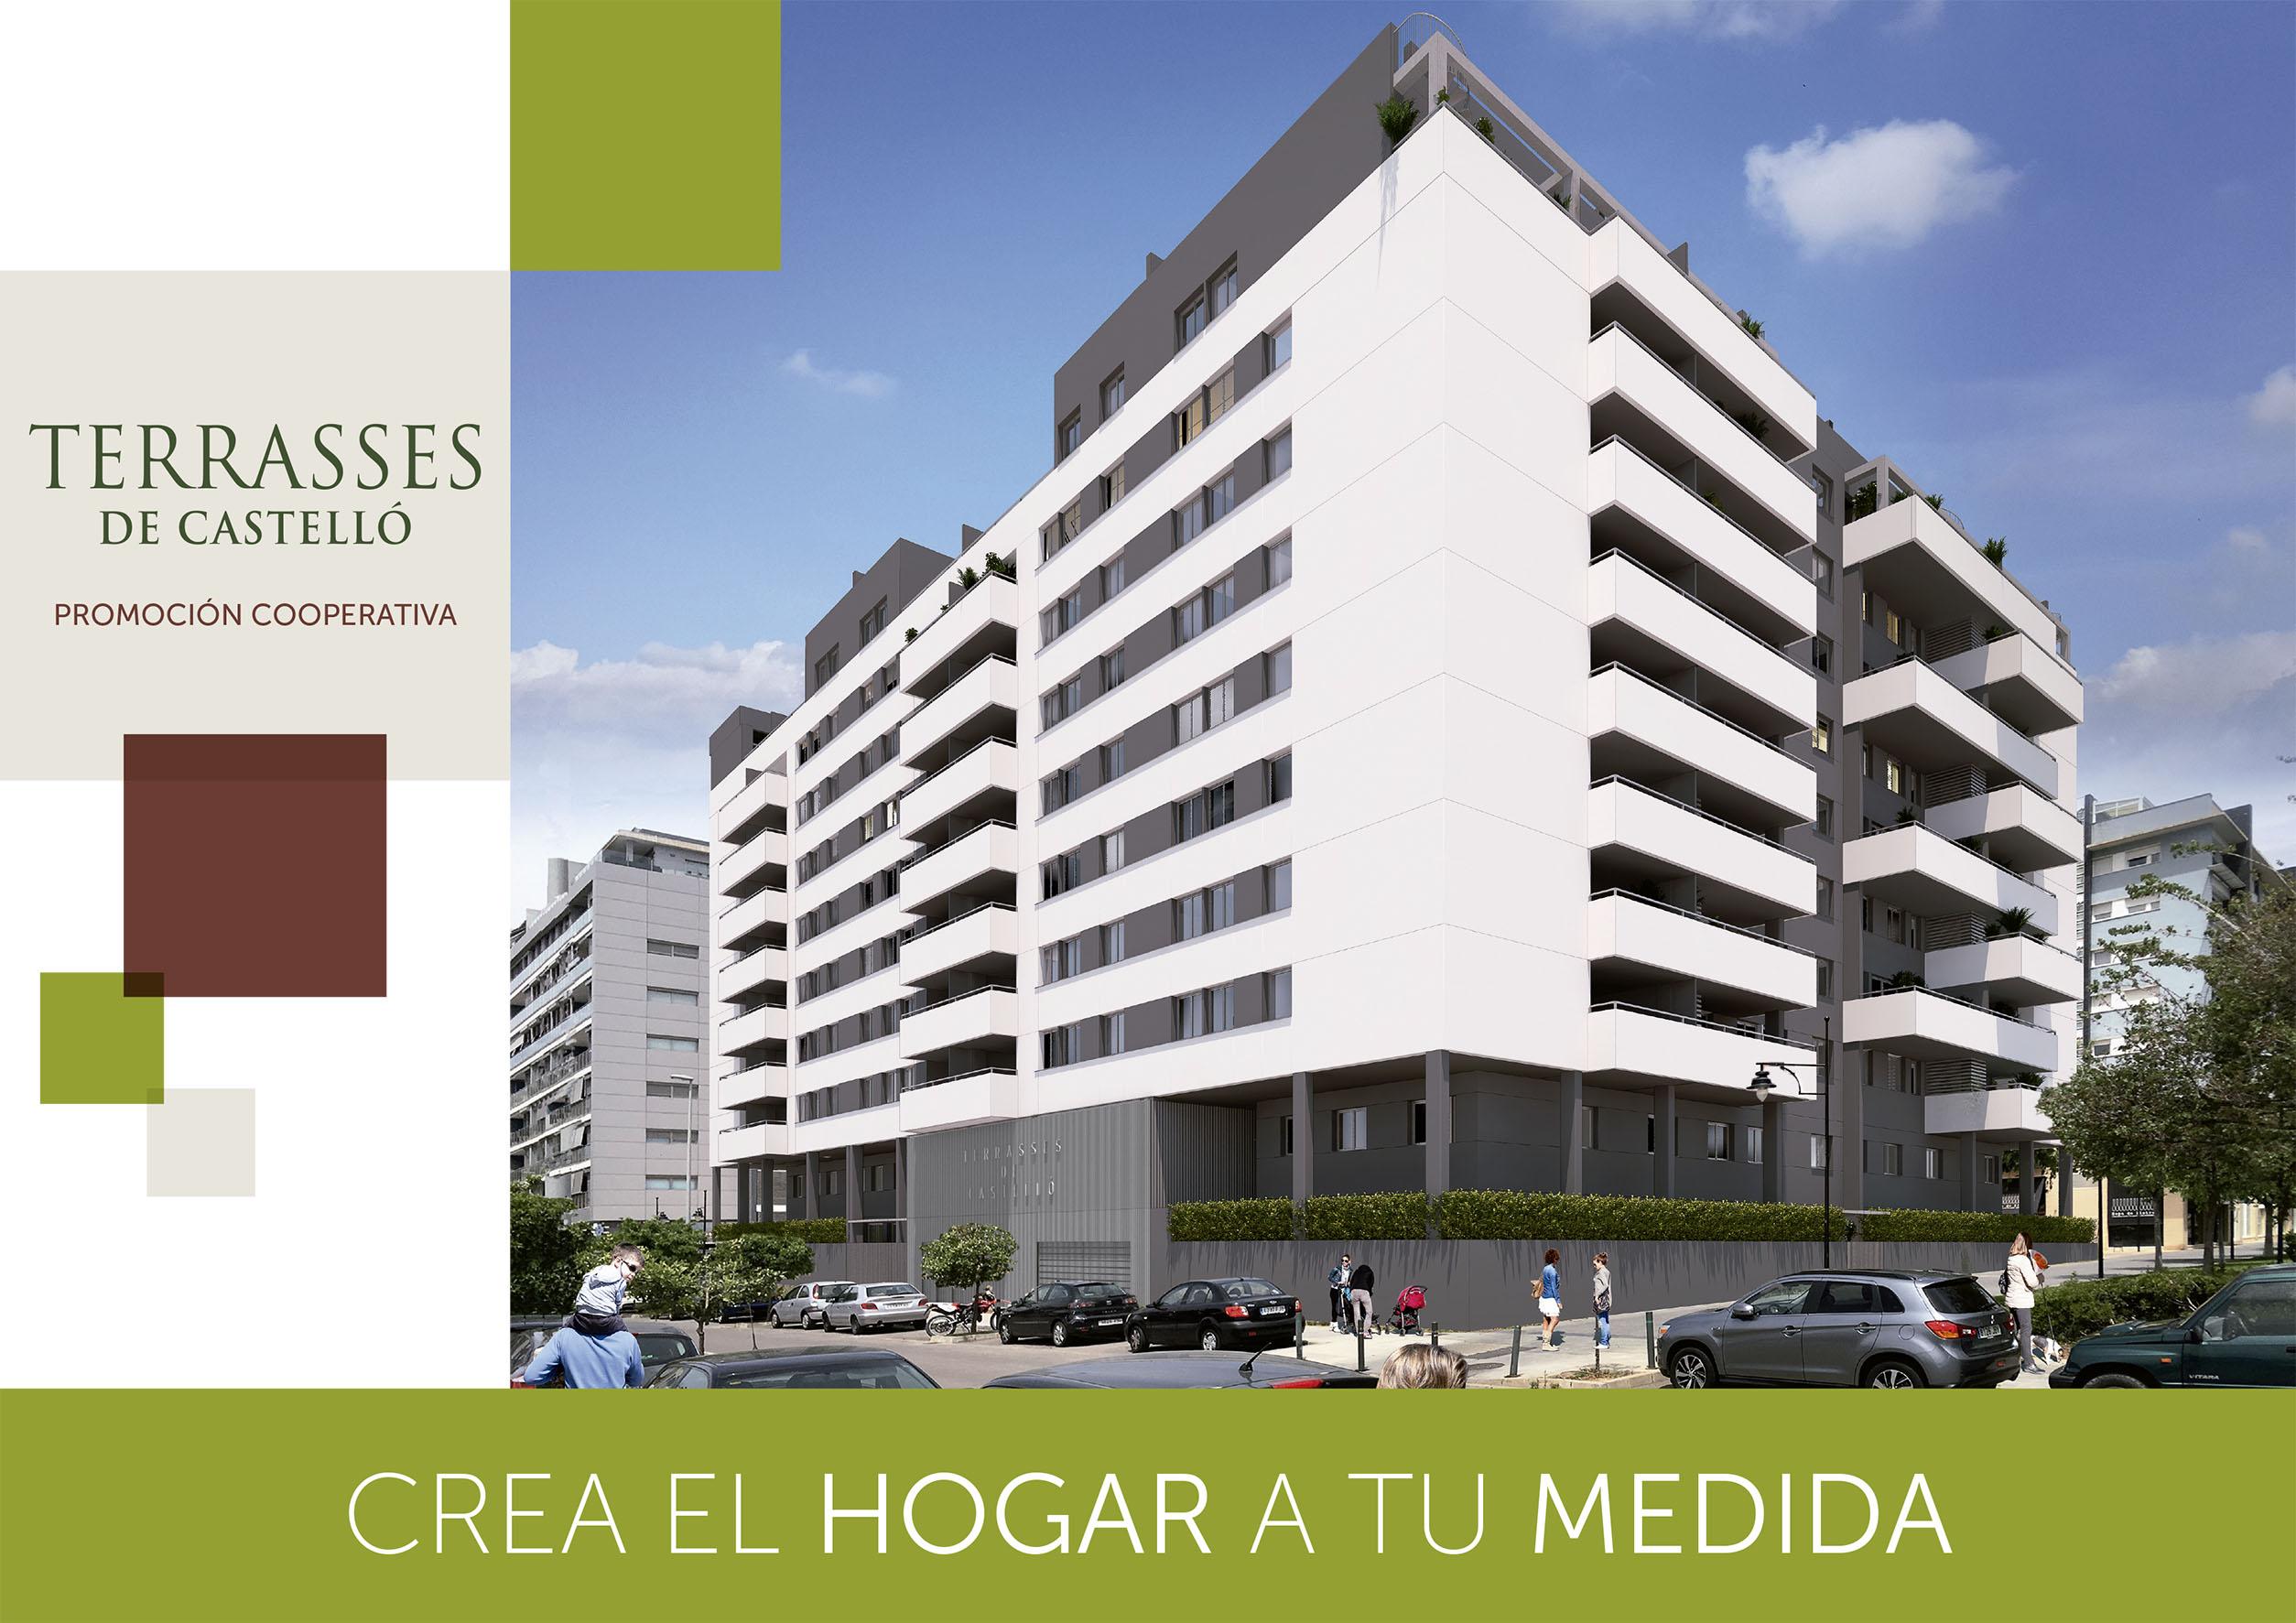 Cooperativa Terrasses de Castelló